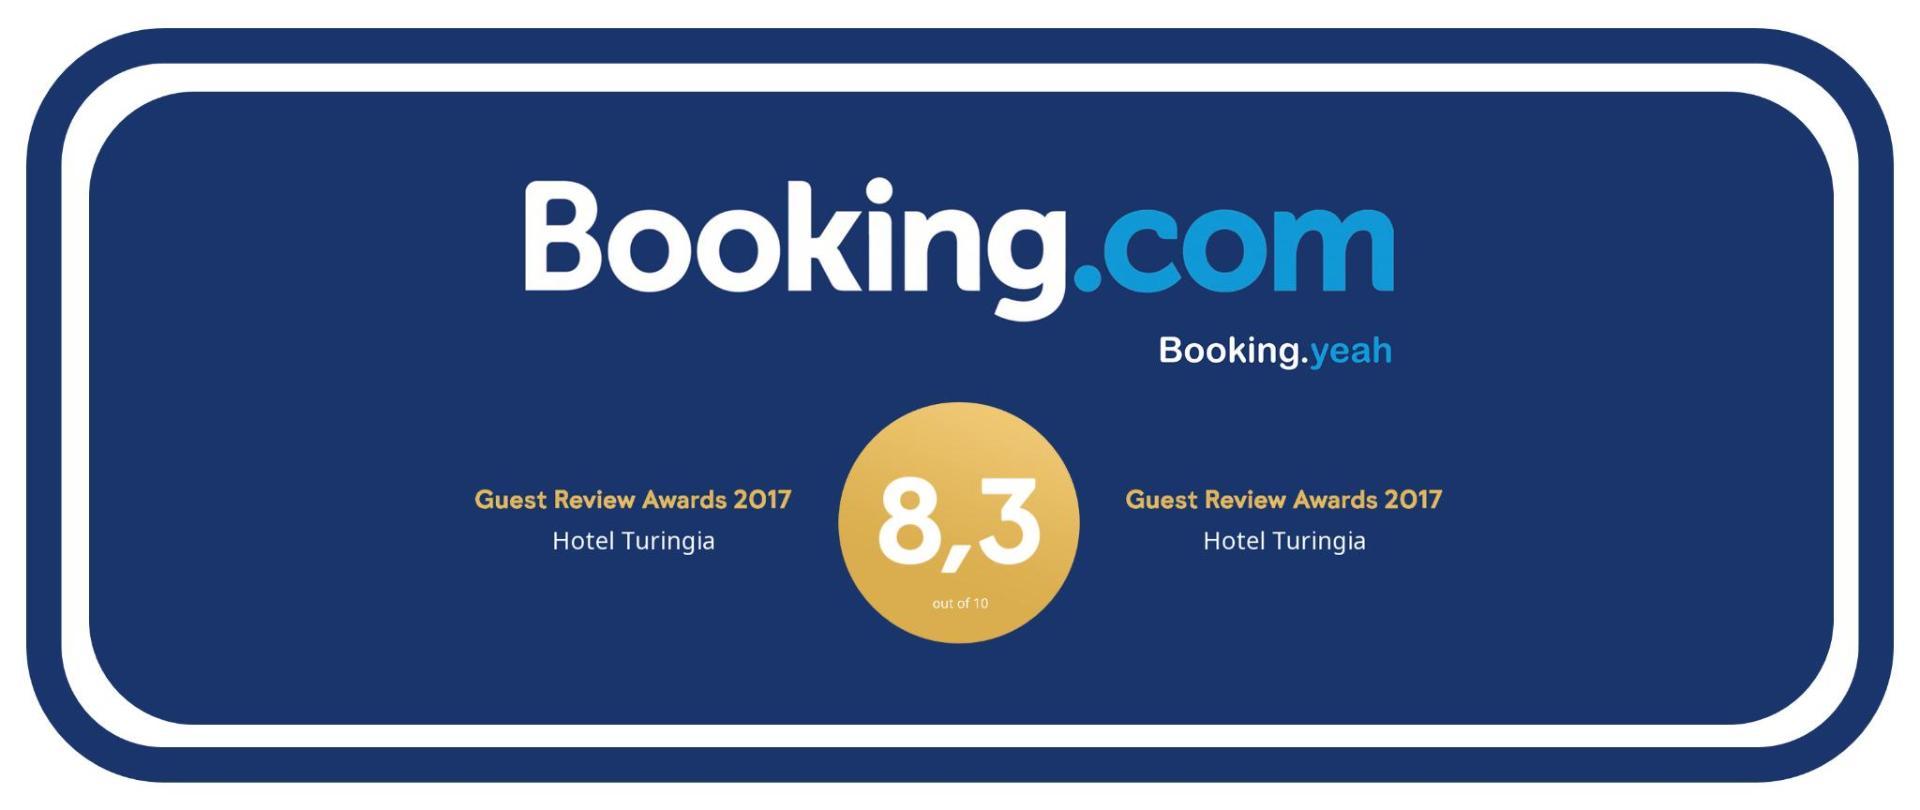 Premio excelencia Booking.com Hotel Turingia Miramar.png